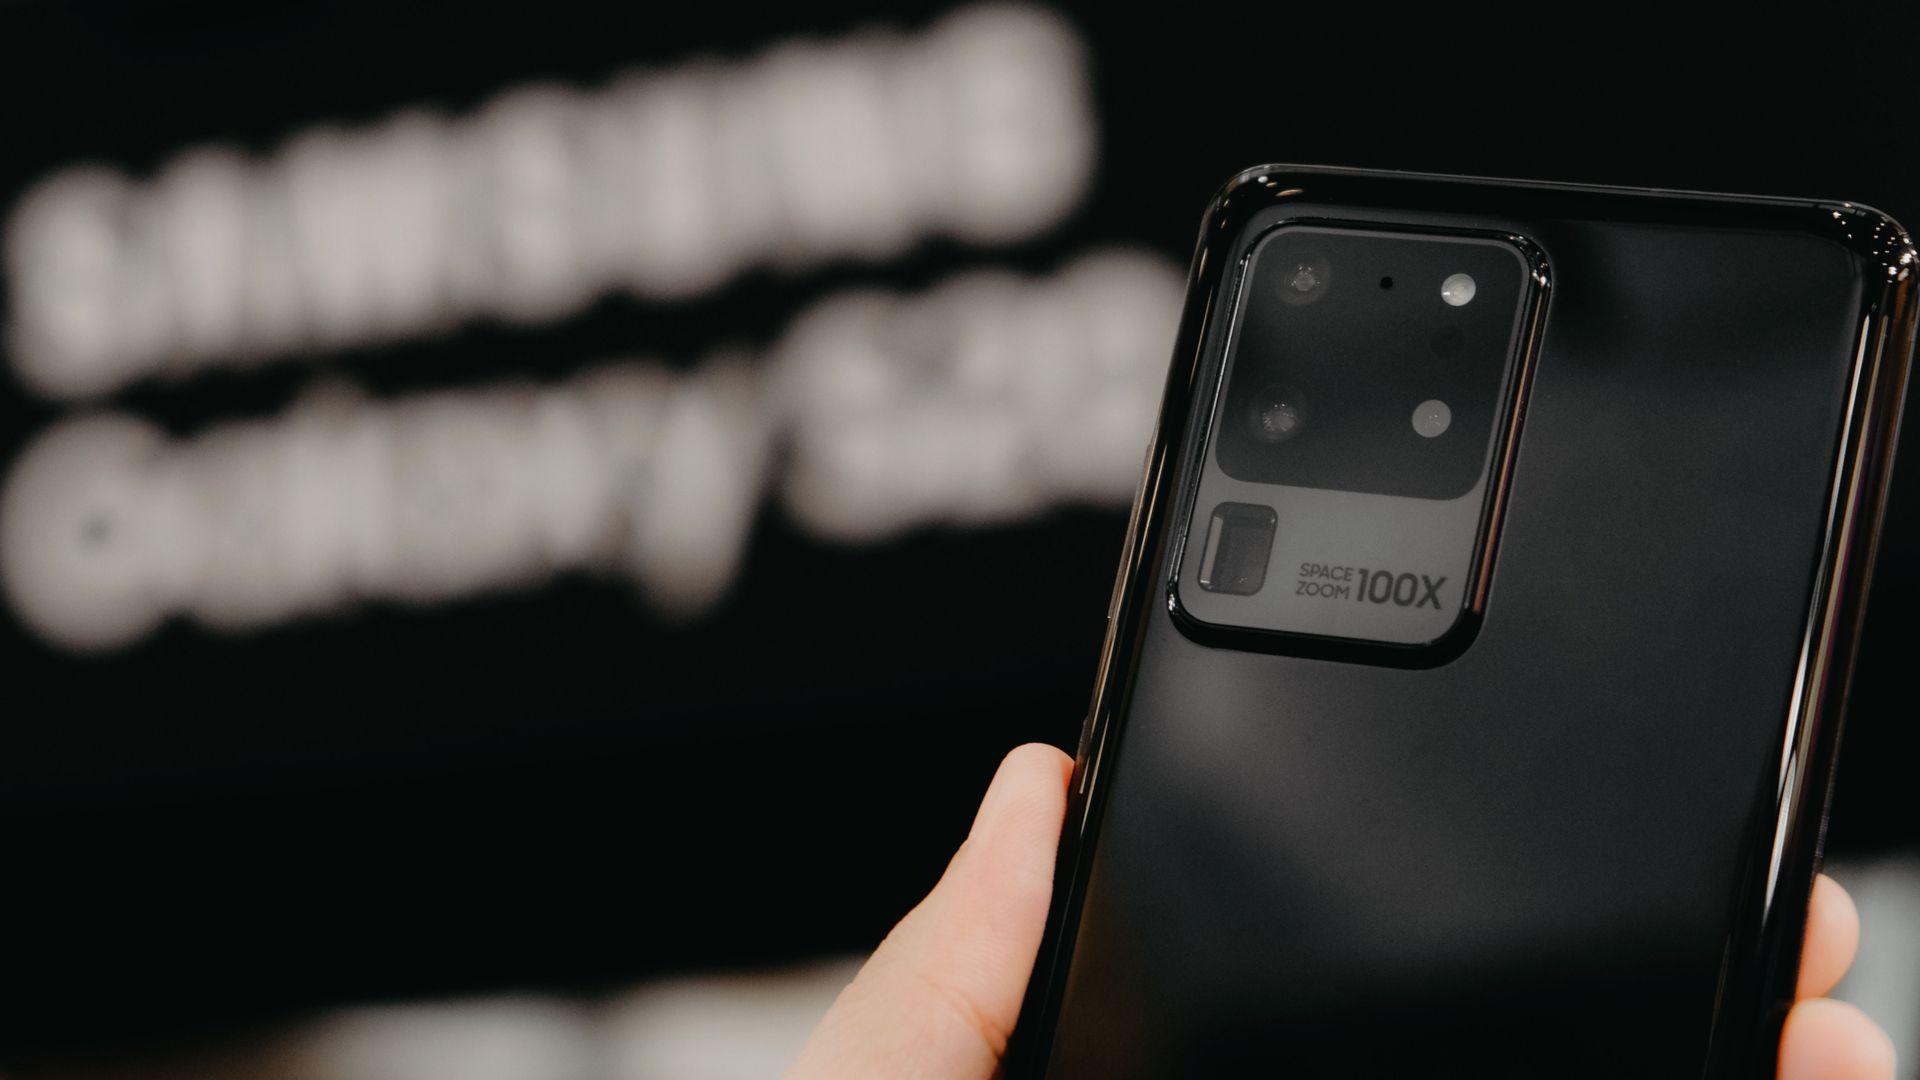 O Galaxy S20 Ultra tem as melhores câmeras entre os modelos Samsung Galaxy S de 2020. (Foto: Shutterstock)